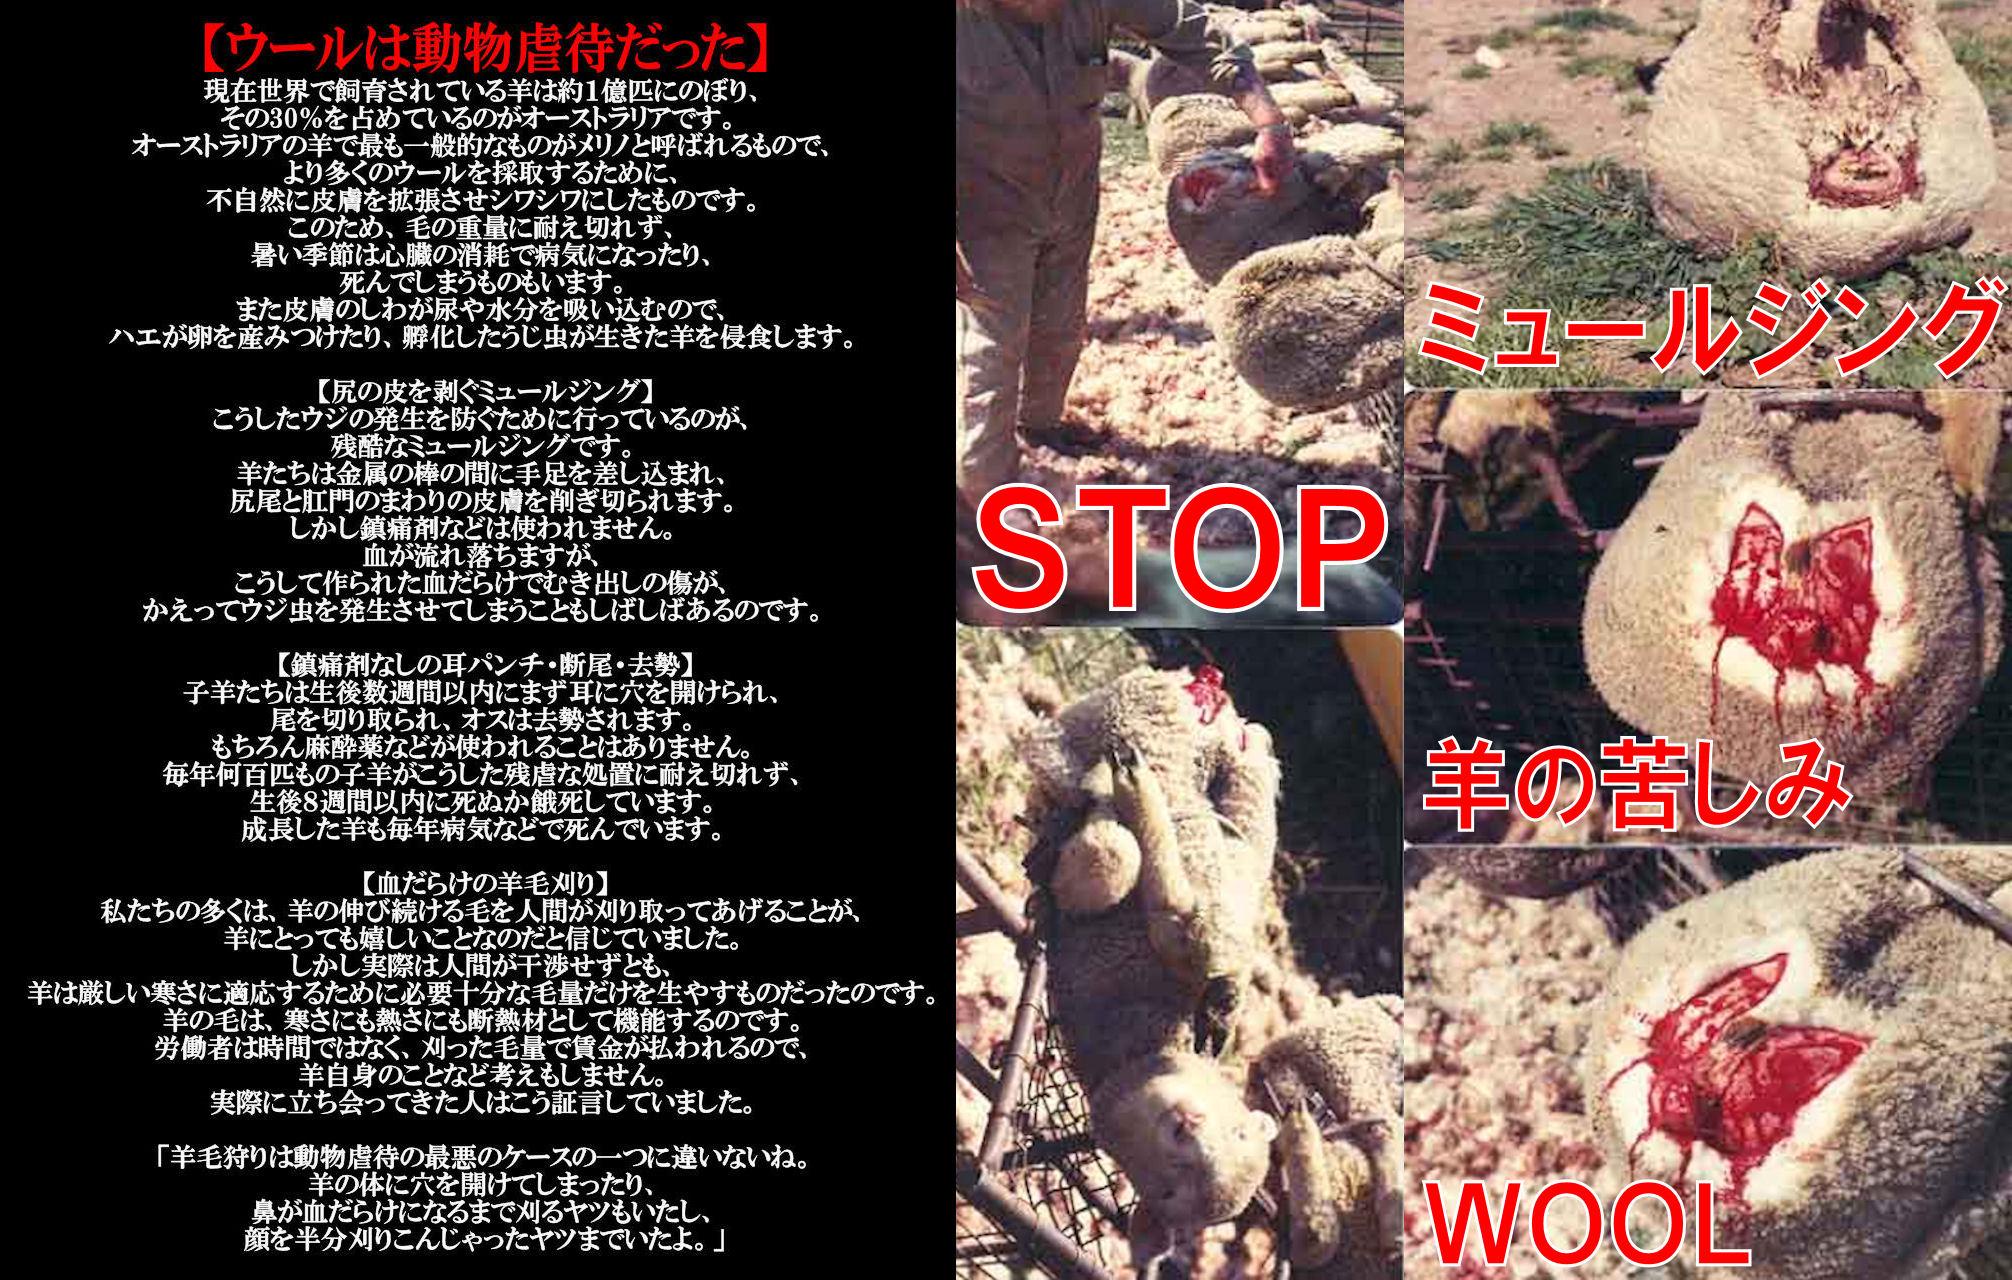 wool4_20140108224351d19.jpg